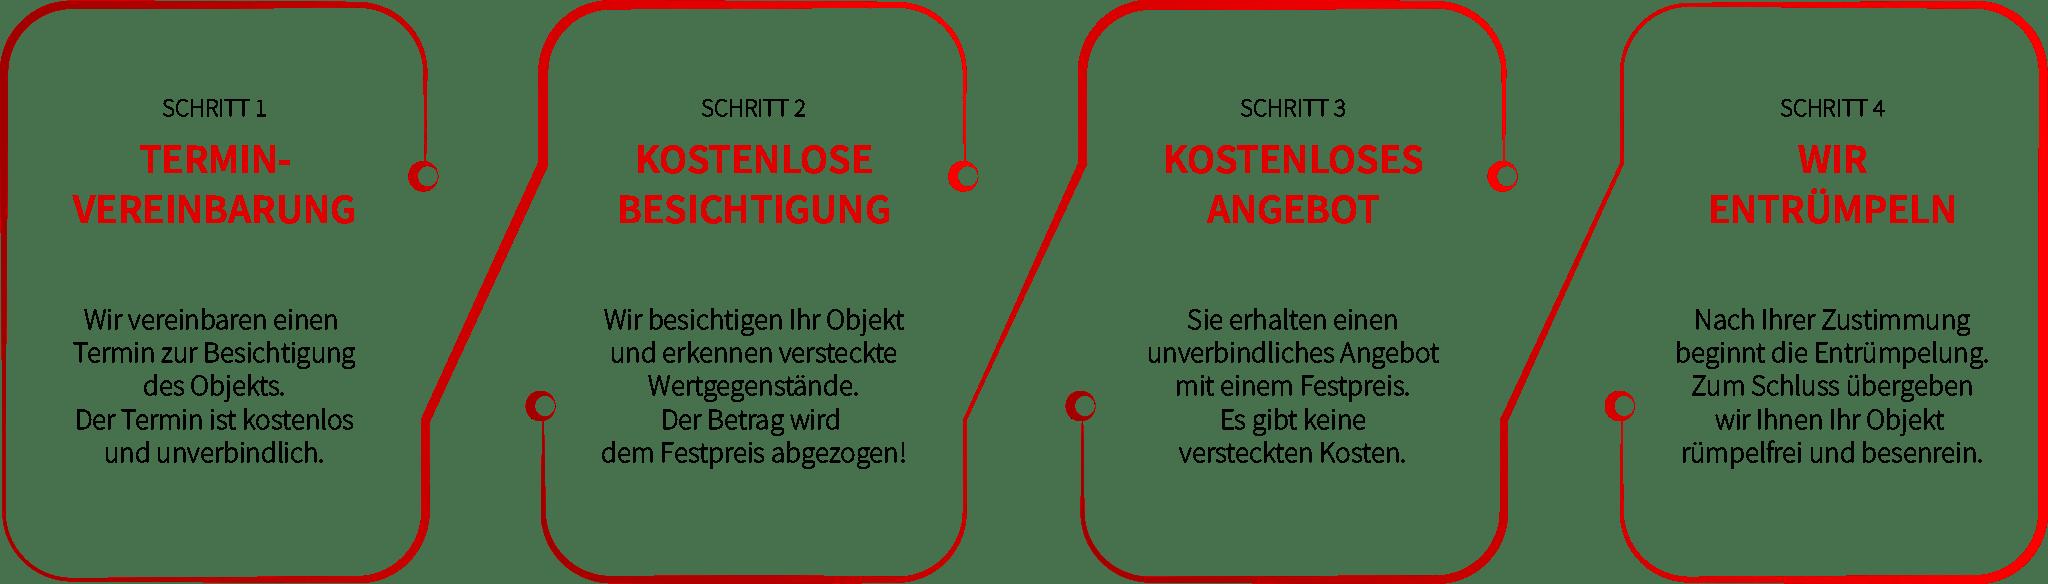 Entrümpelung Ablauf in 4 Schritten